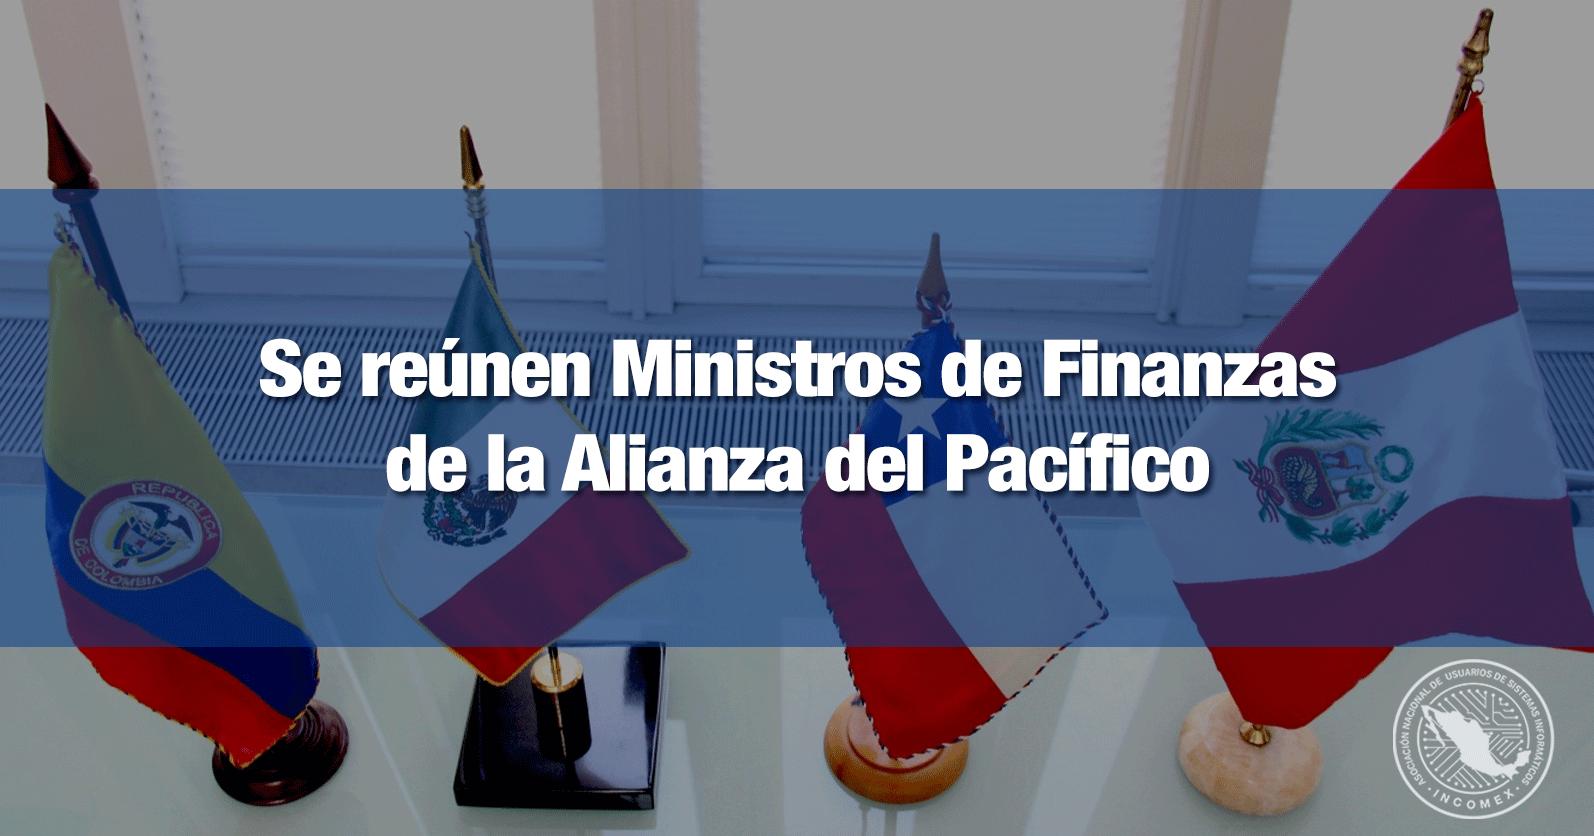 Se reúnen Ministros de Finanzas de la Alianza del Pacífico